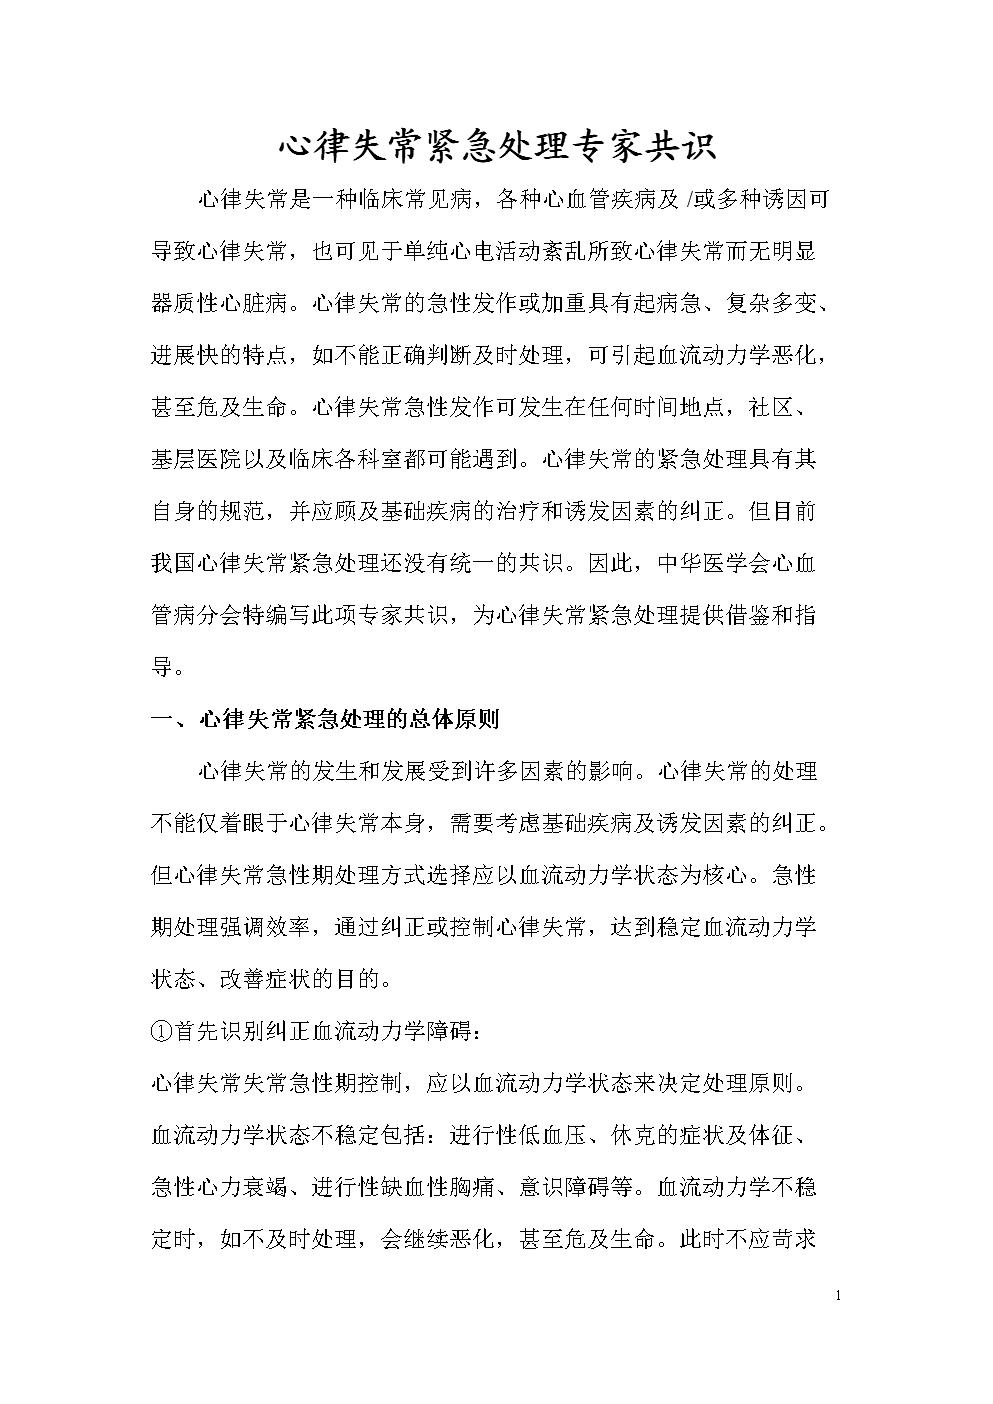 爱爱医资源-《心律失常处理专家共识》2013年版.doc